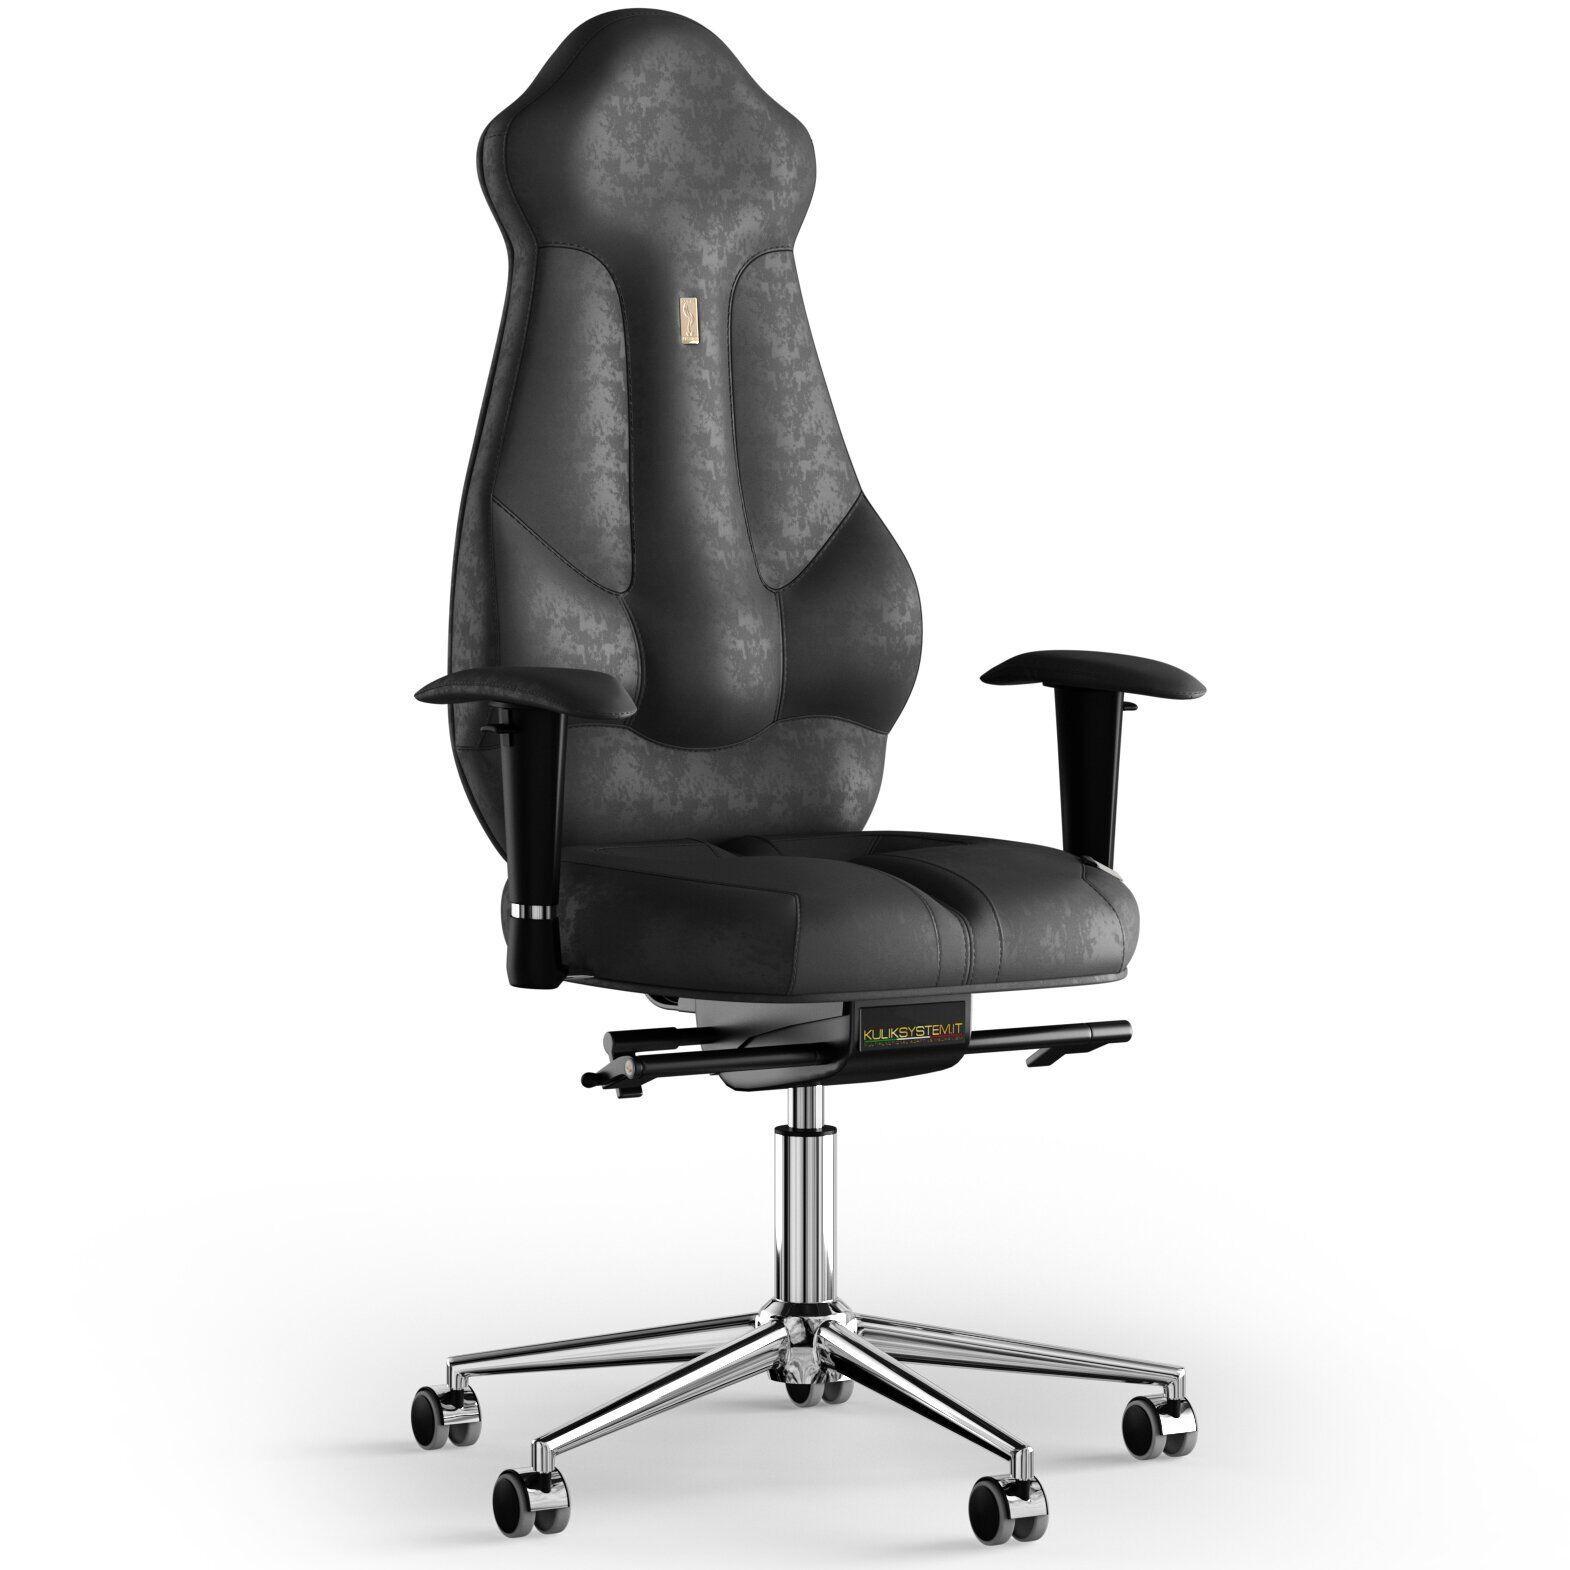 Кресло KULIK SYSTEM IMPERIAL Антара с подголовником без строчки